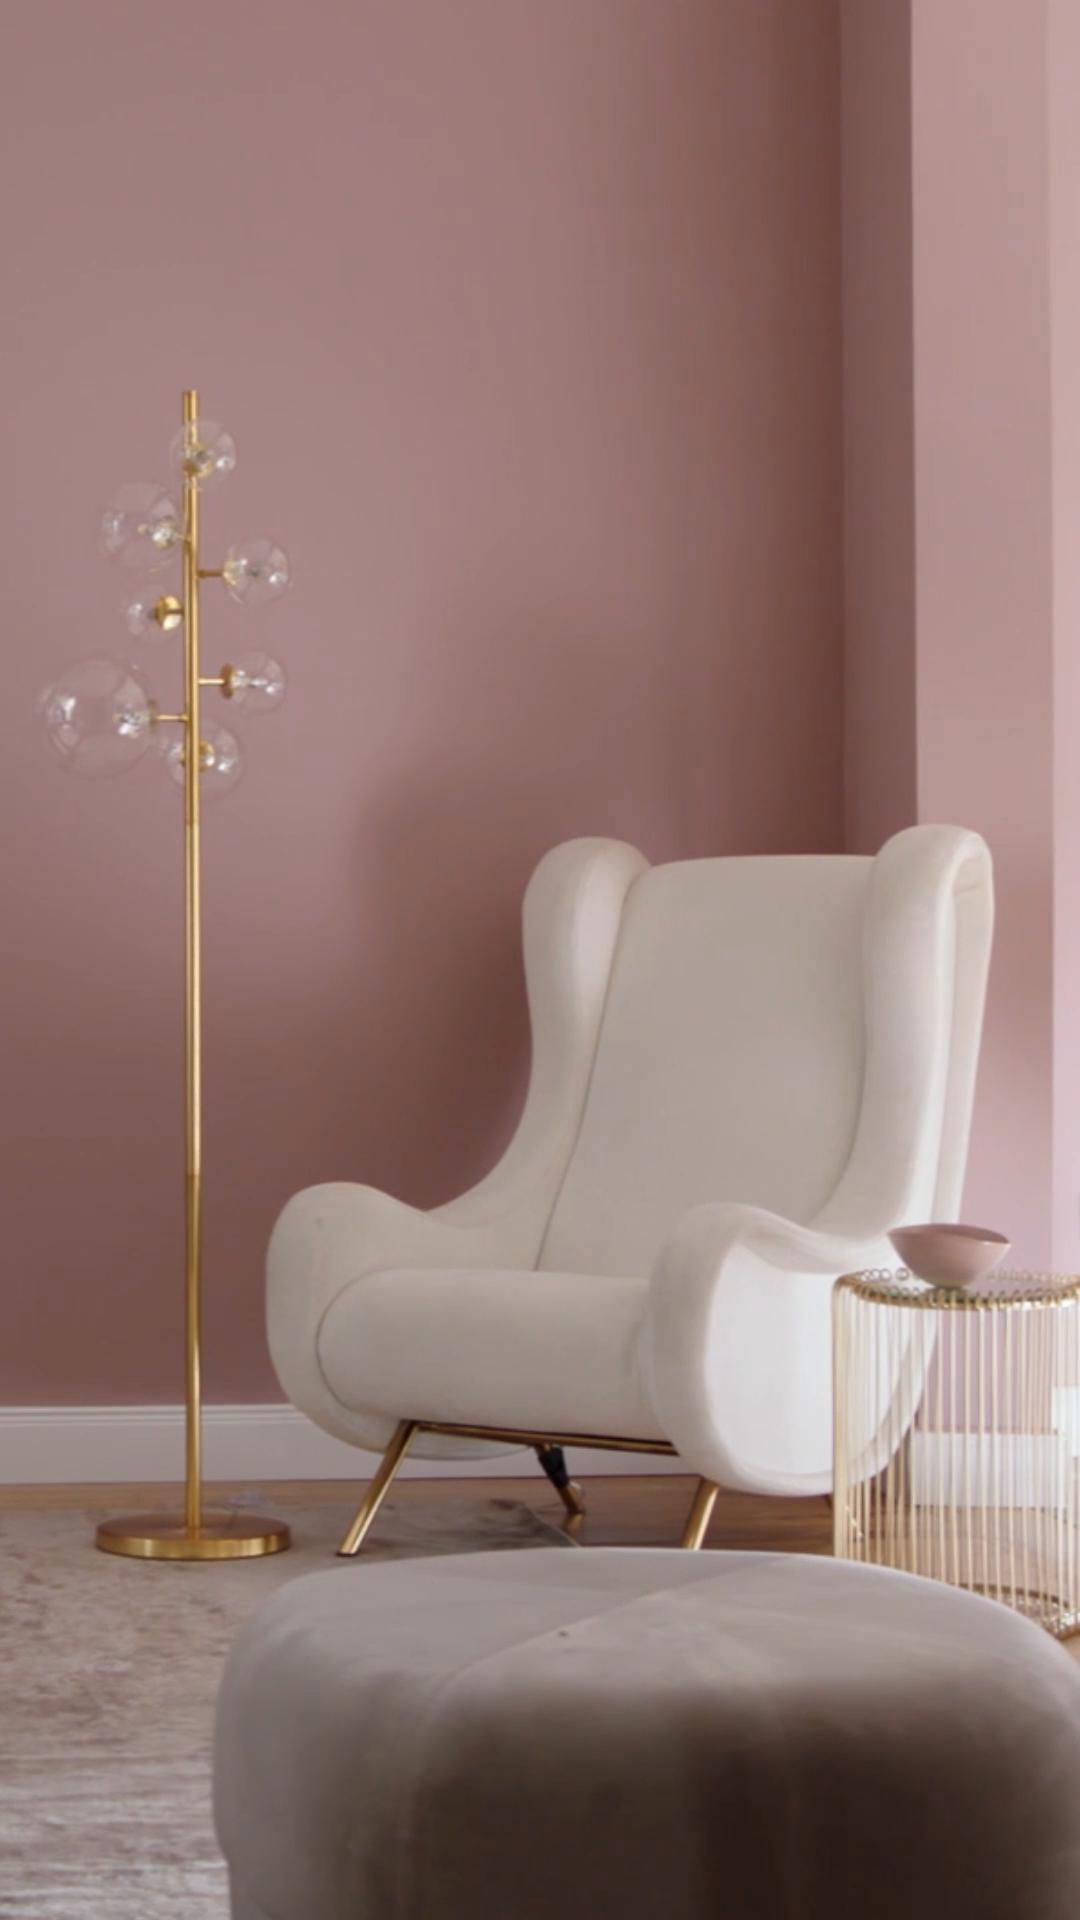 Feine Farben Video Video Babyzimmer Dekor Wohnzimmerfarbe Feine Farben